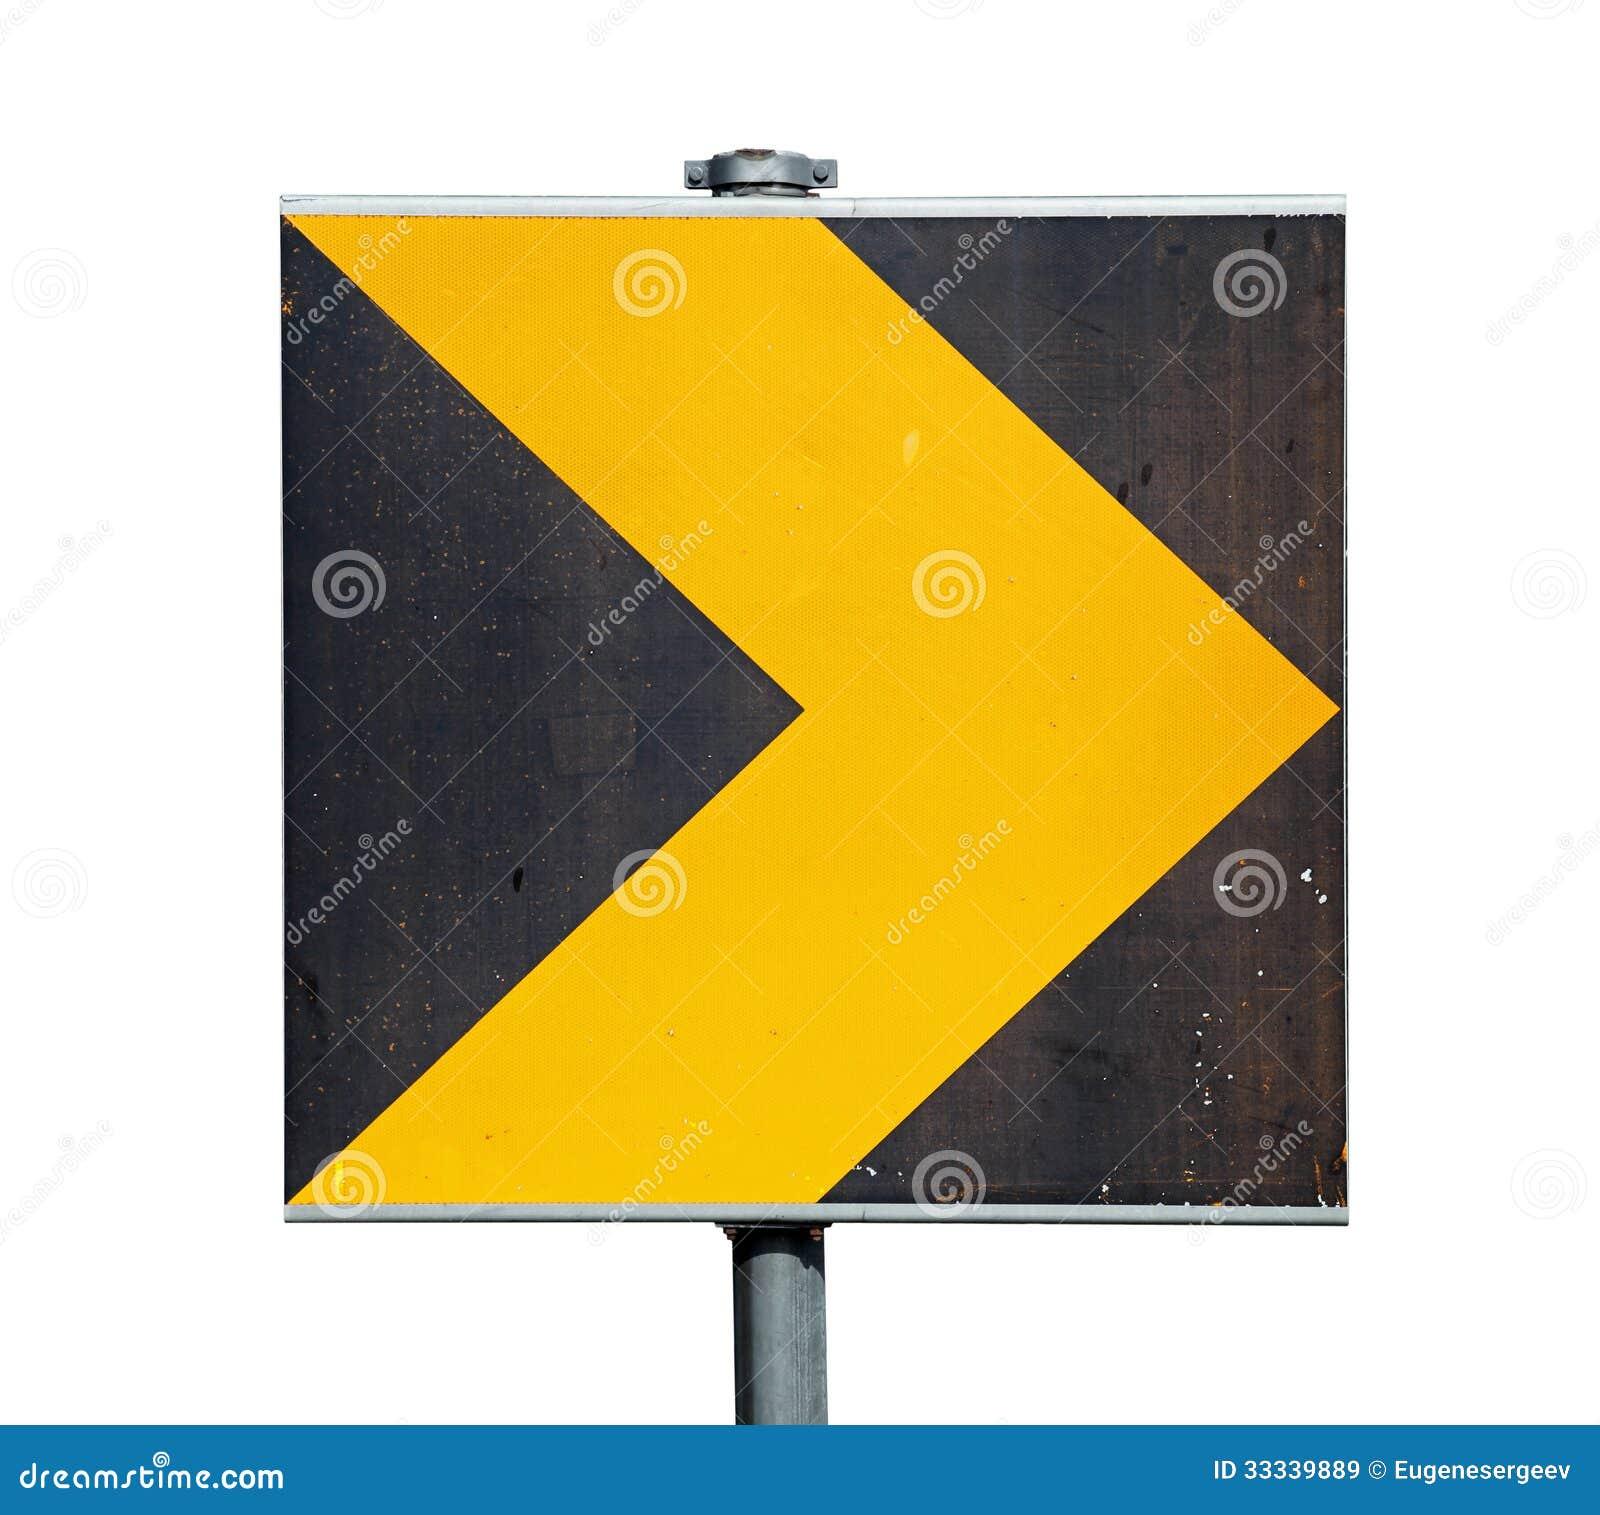 Segnale stradale giallo e nero di giro isolato su bianco